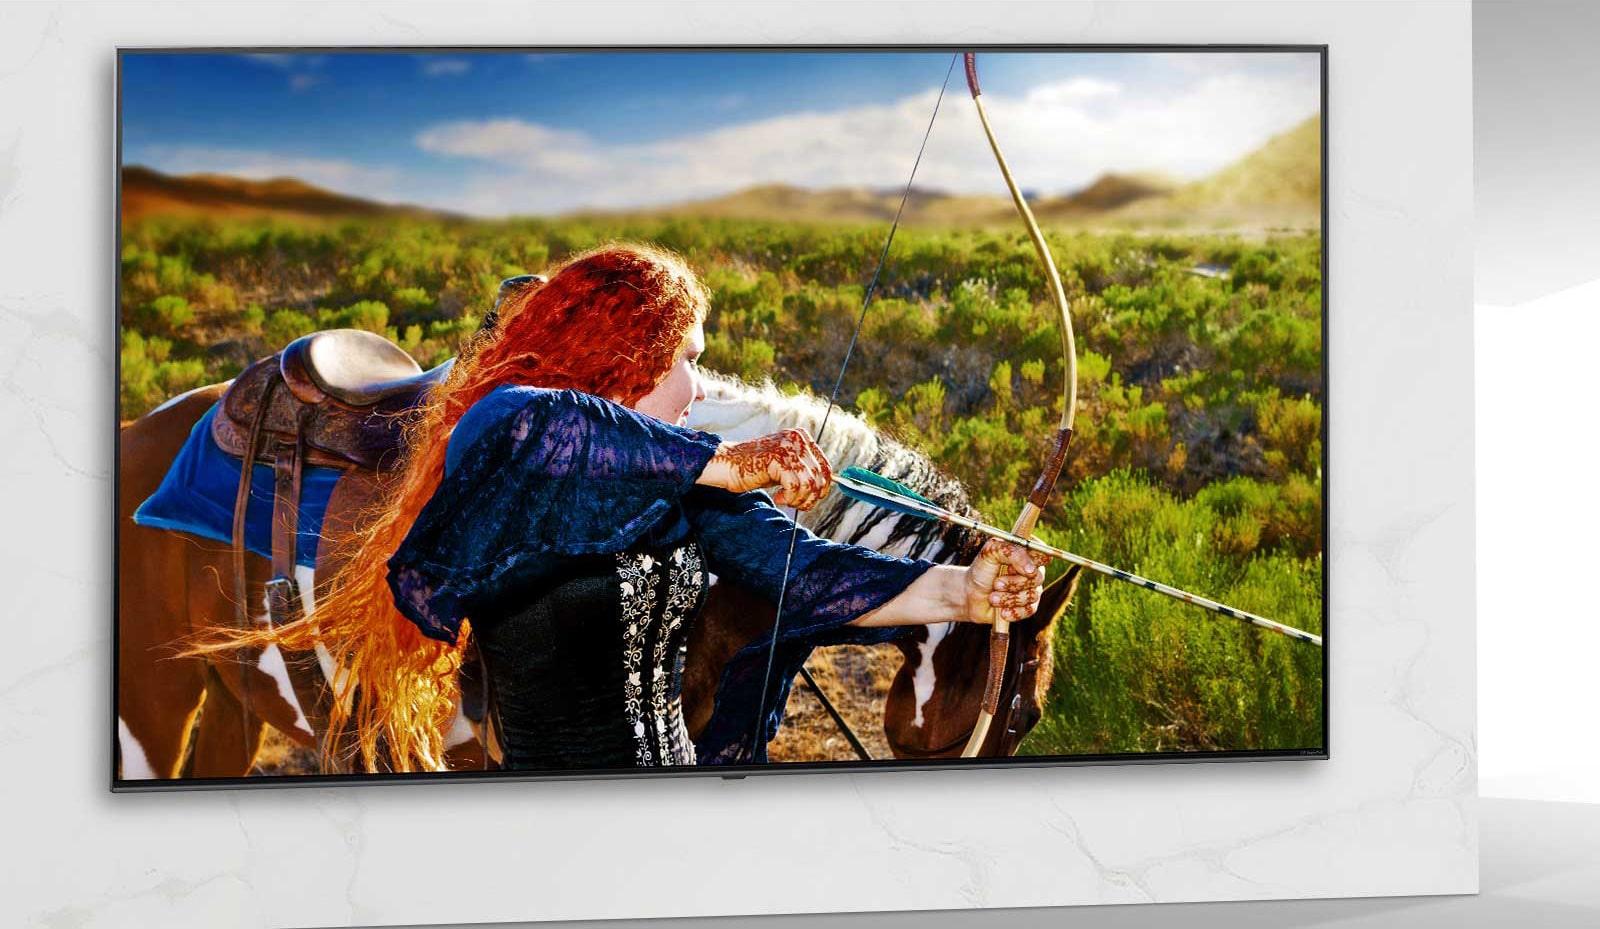 A TV mostra a cena de um filme com uma mulher atirando uma flecha com seu arco